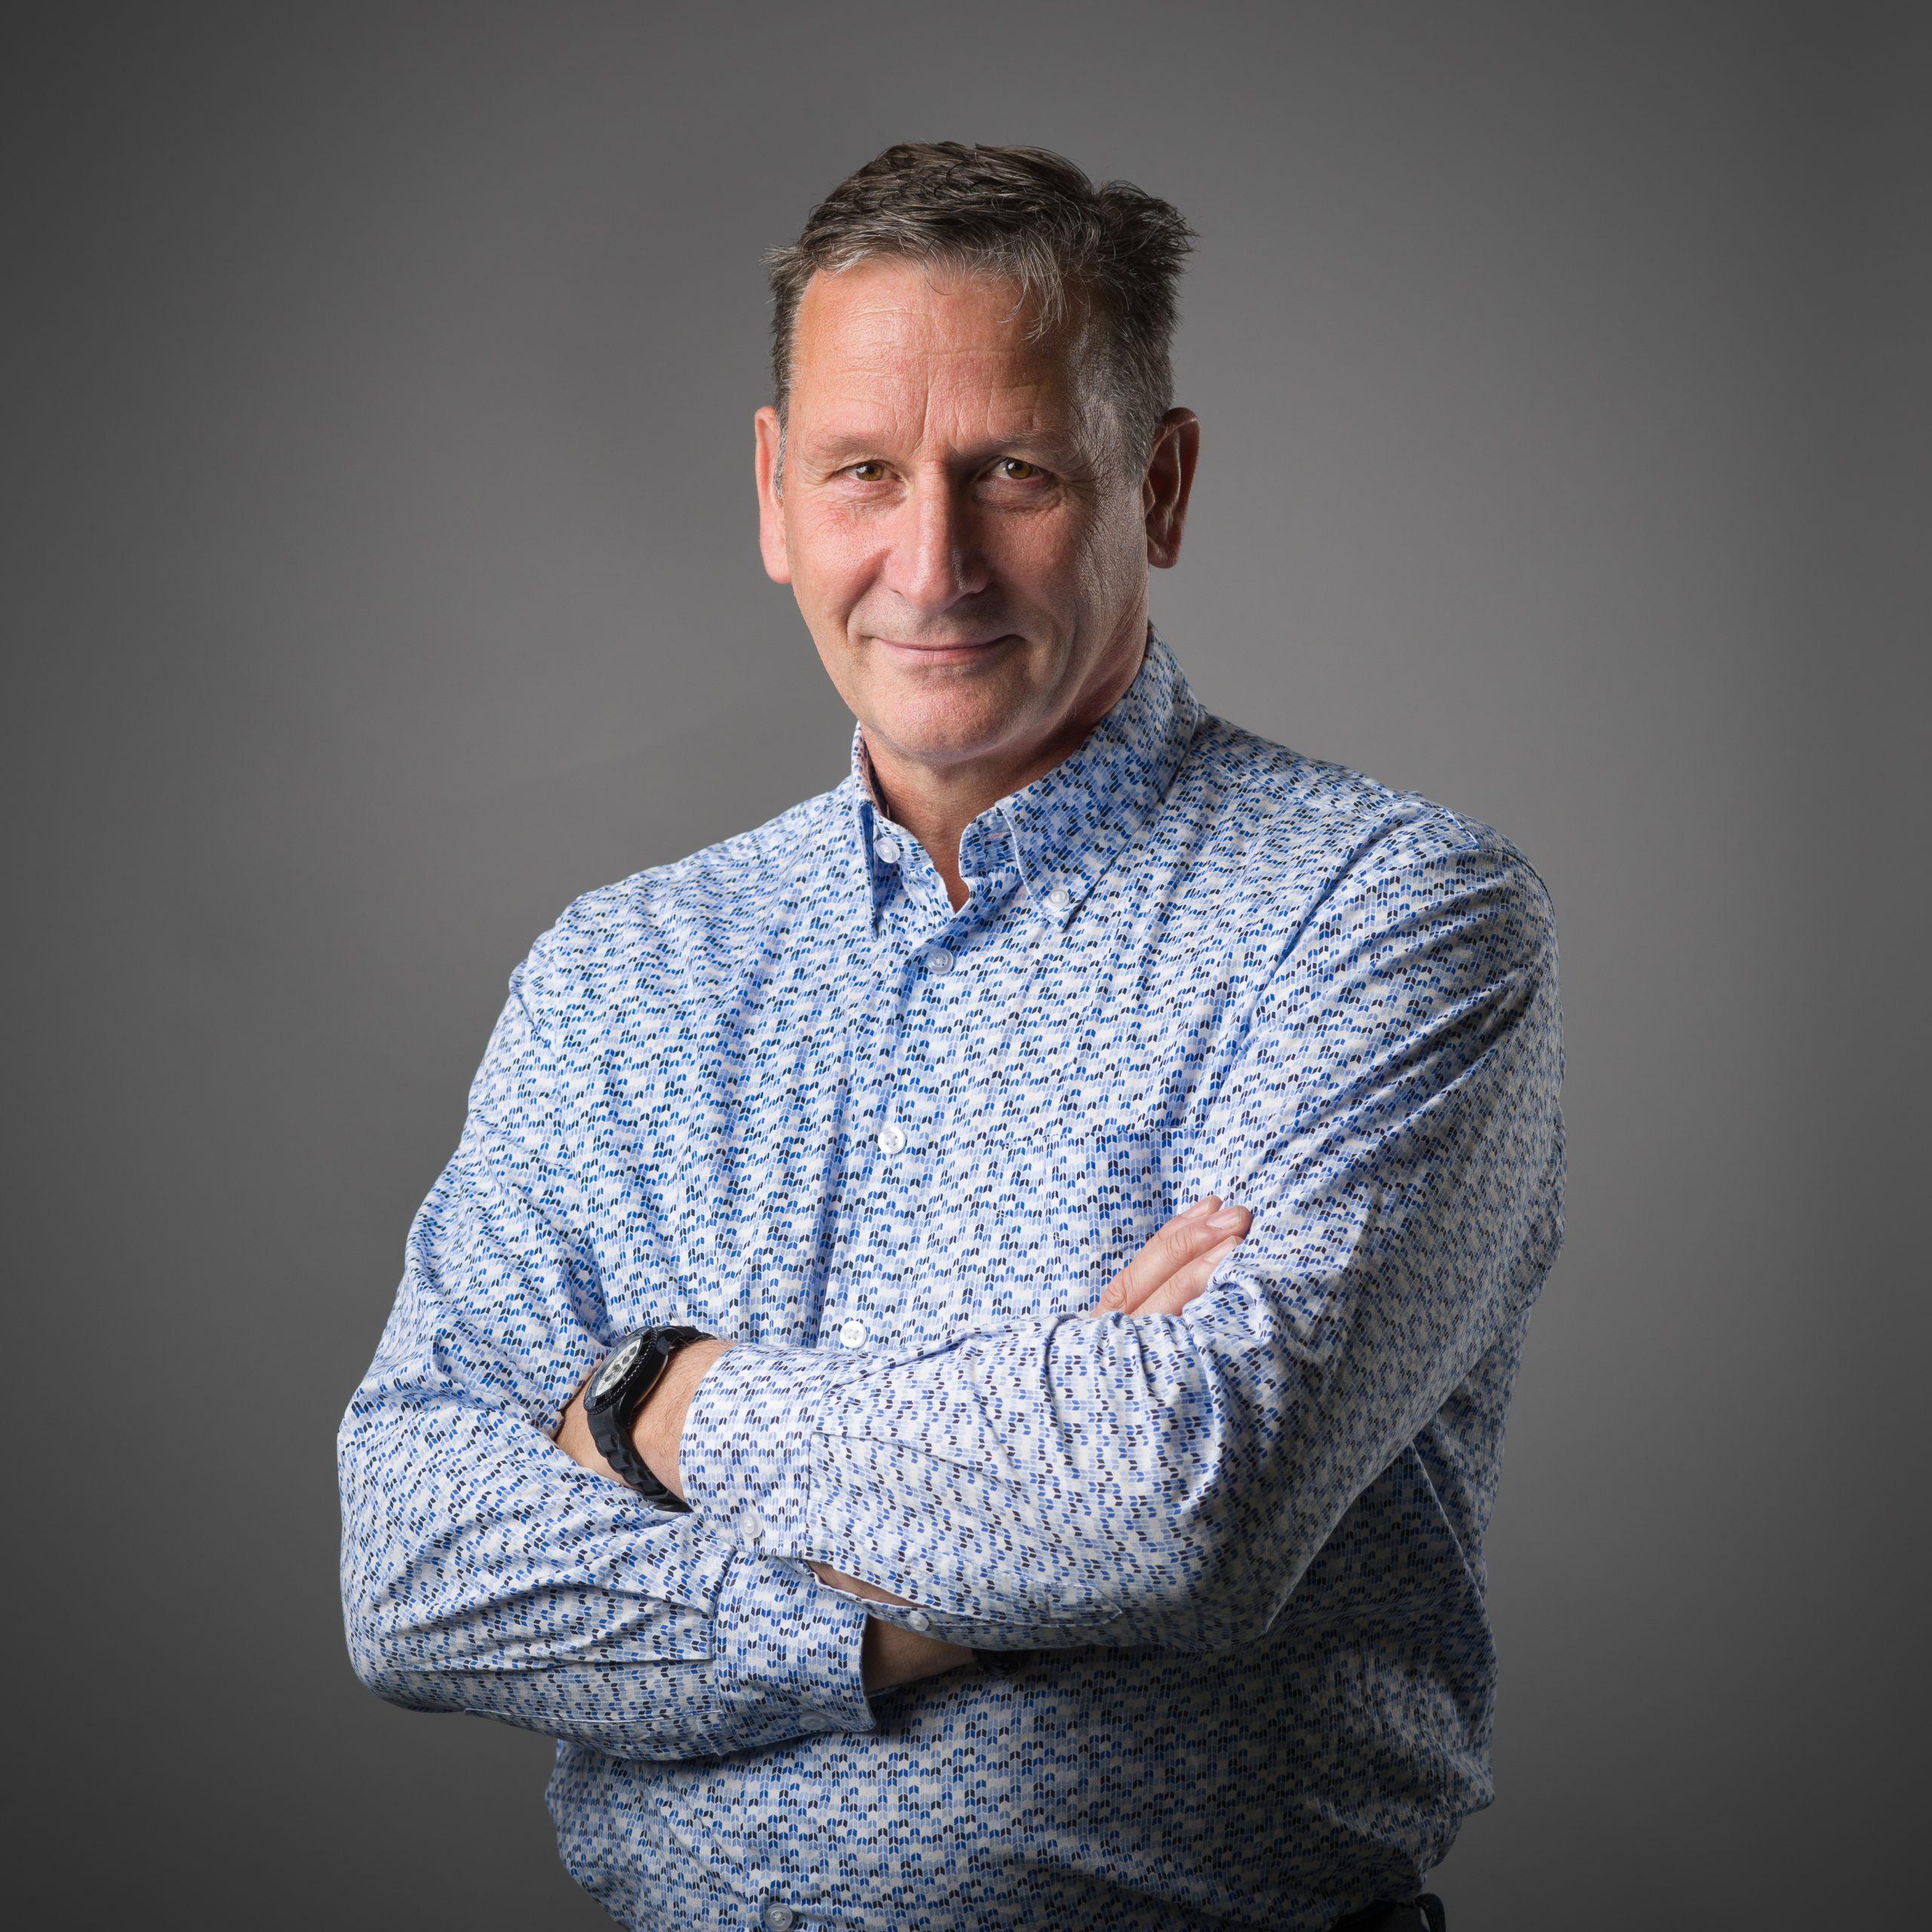 Martin Witter